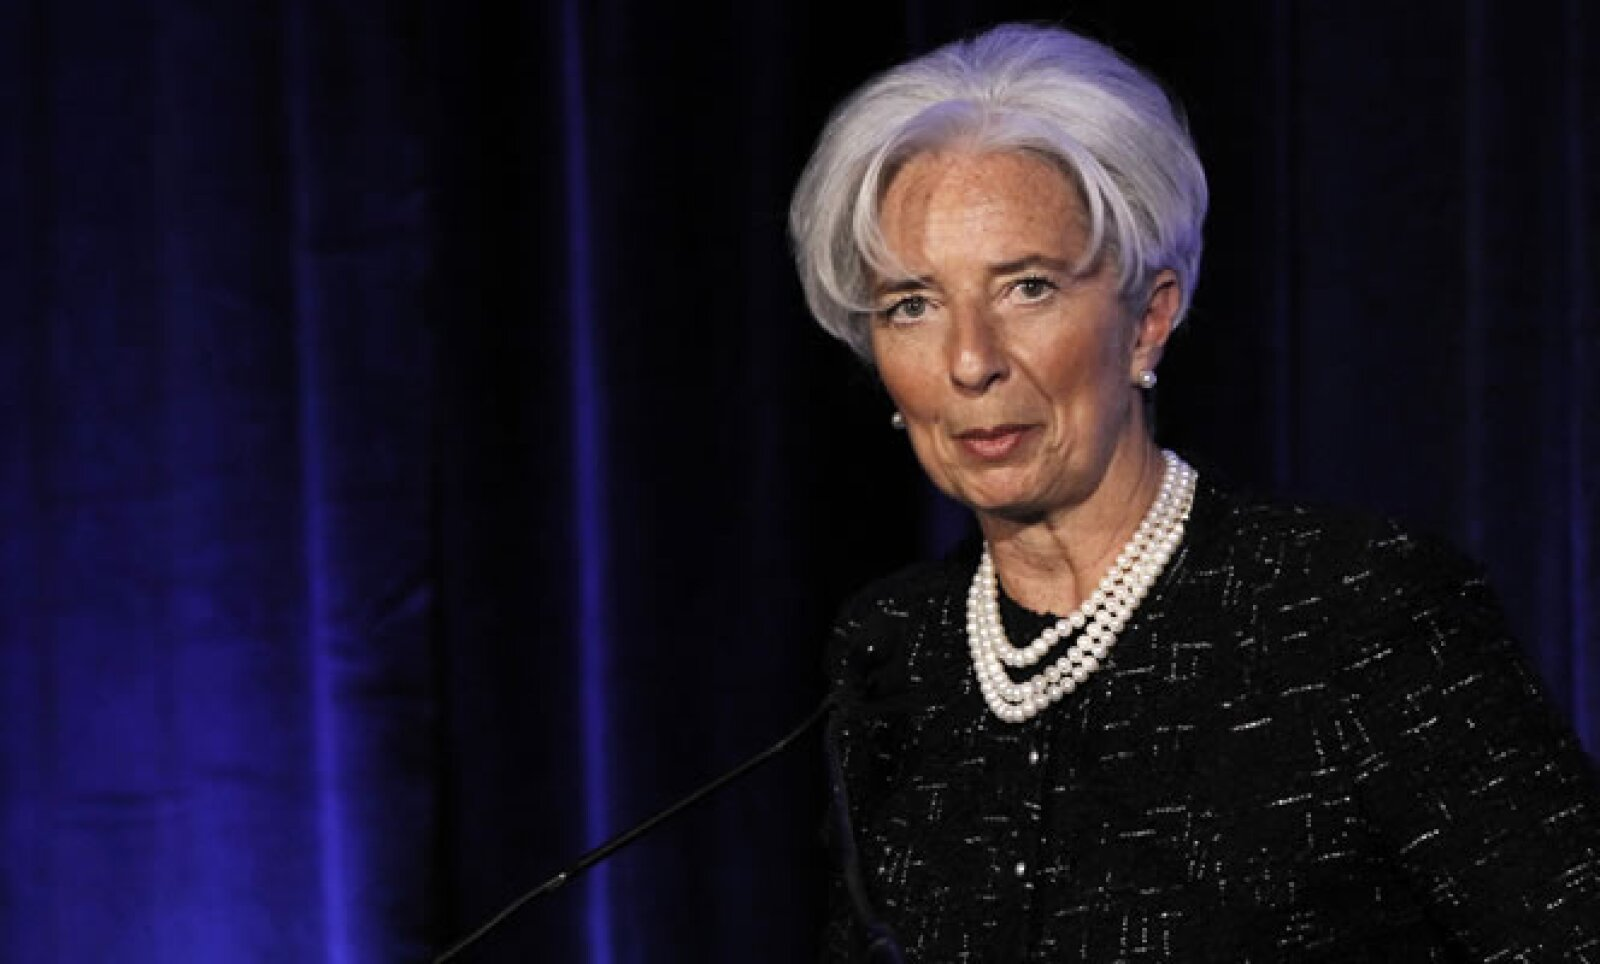 Encabeza el Fondo Monetario Internacional (FMI) desde el 5 de julio 2011. Previamente fungió como ministra de Finanzas de Francia. La revista Forbes la nombró entre las mujeres más influyentes del mundo.